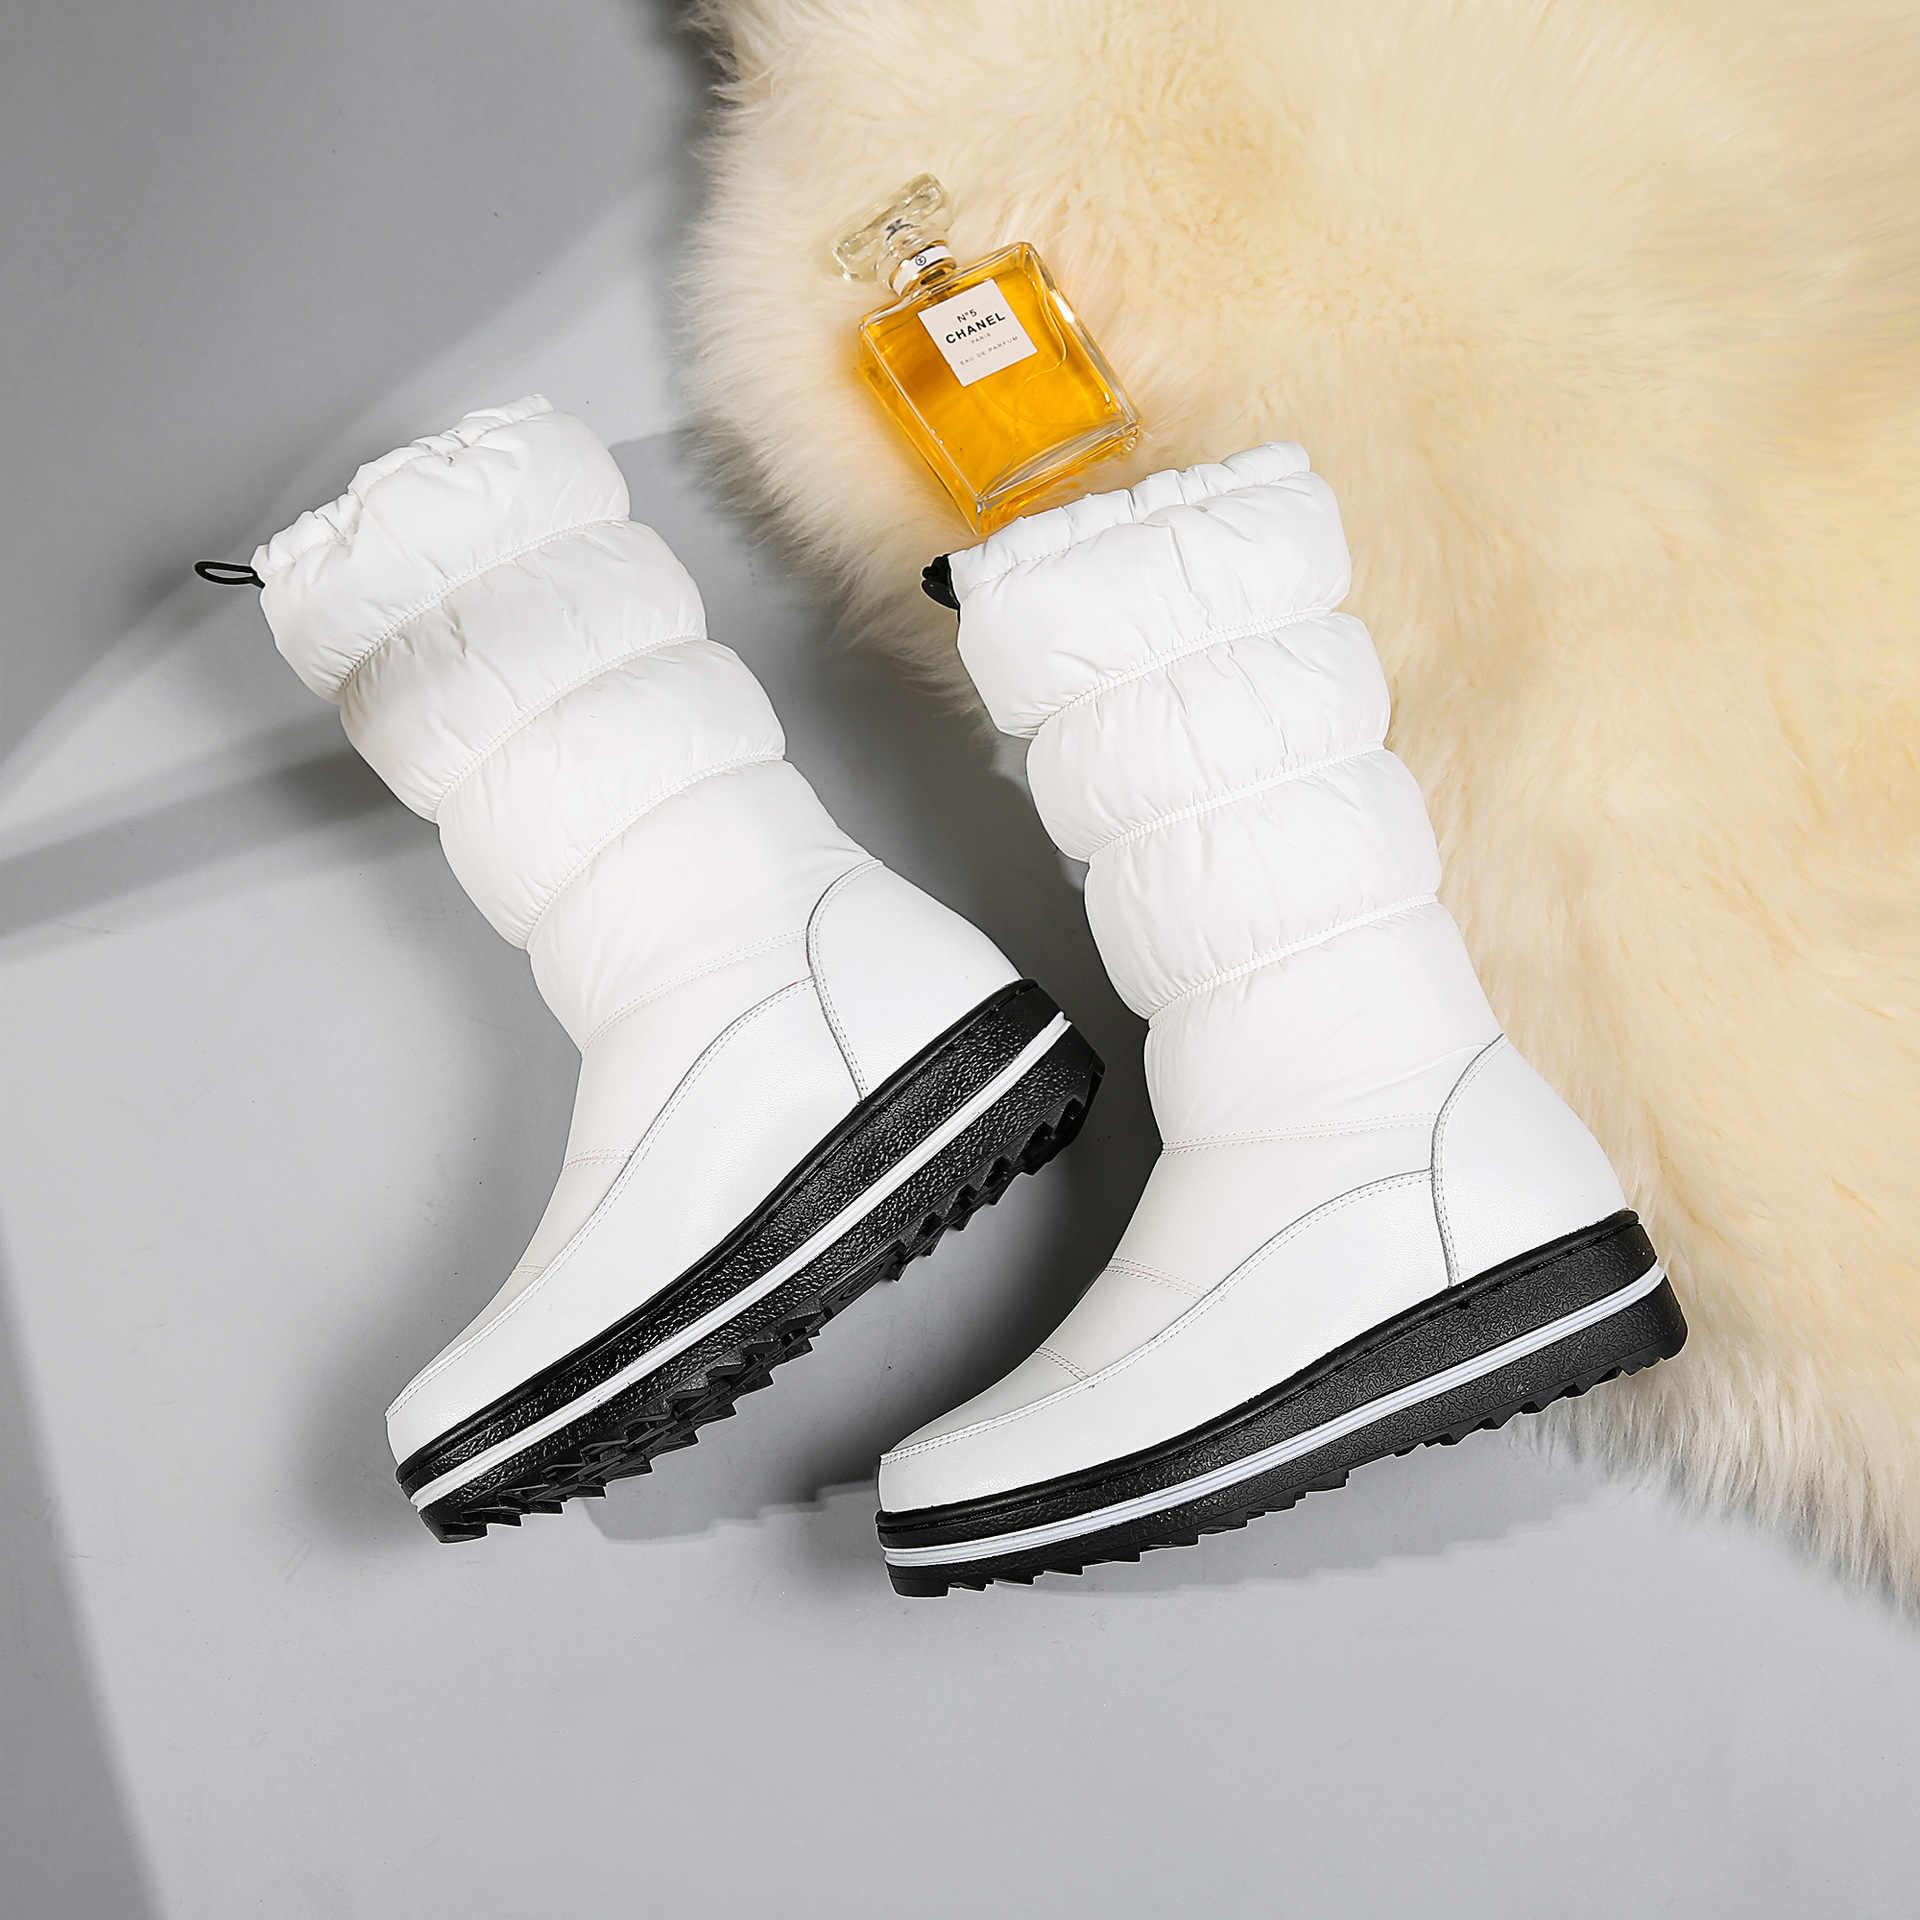 2020 kış yeni deri sıcak aşağı kar botları rahat düz alt botlar pamuklu ayakkabılar kürk botları kadın bayan botları ayak bileği HX-93